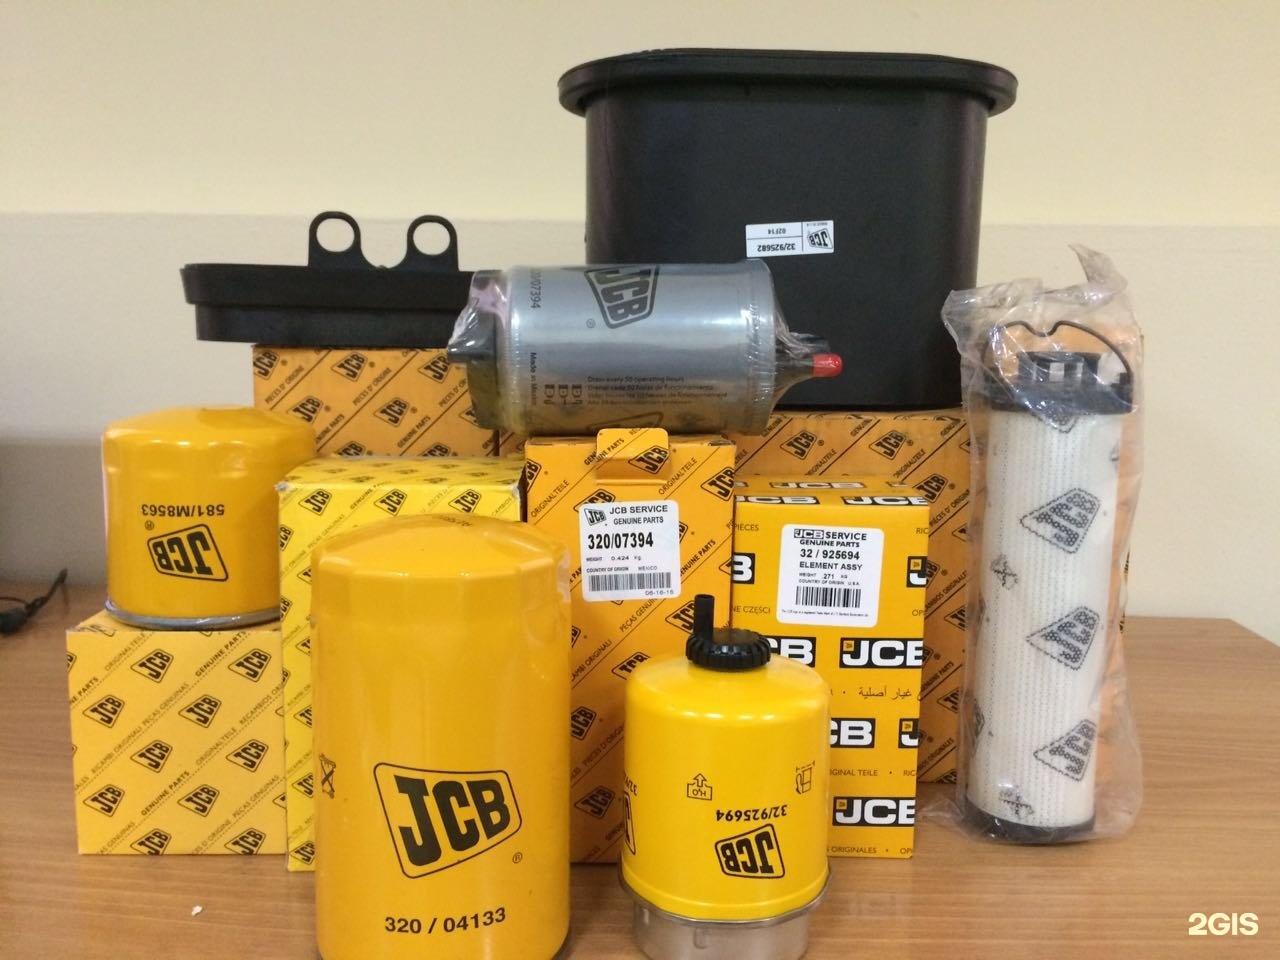 Выгодная покупка запчастей для спецтехники JCB